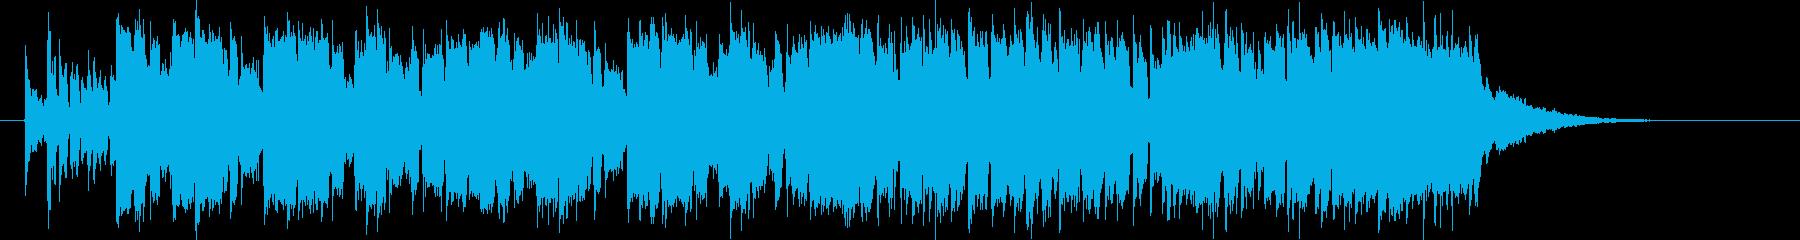 疾走するキラキラ・テクノの再生済みの波形